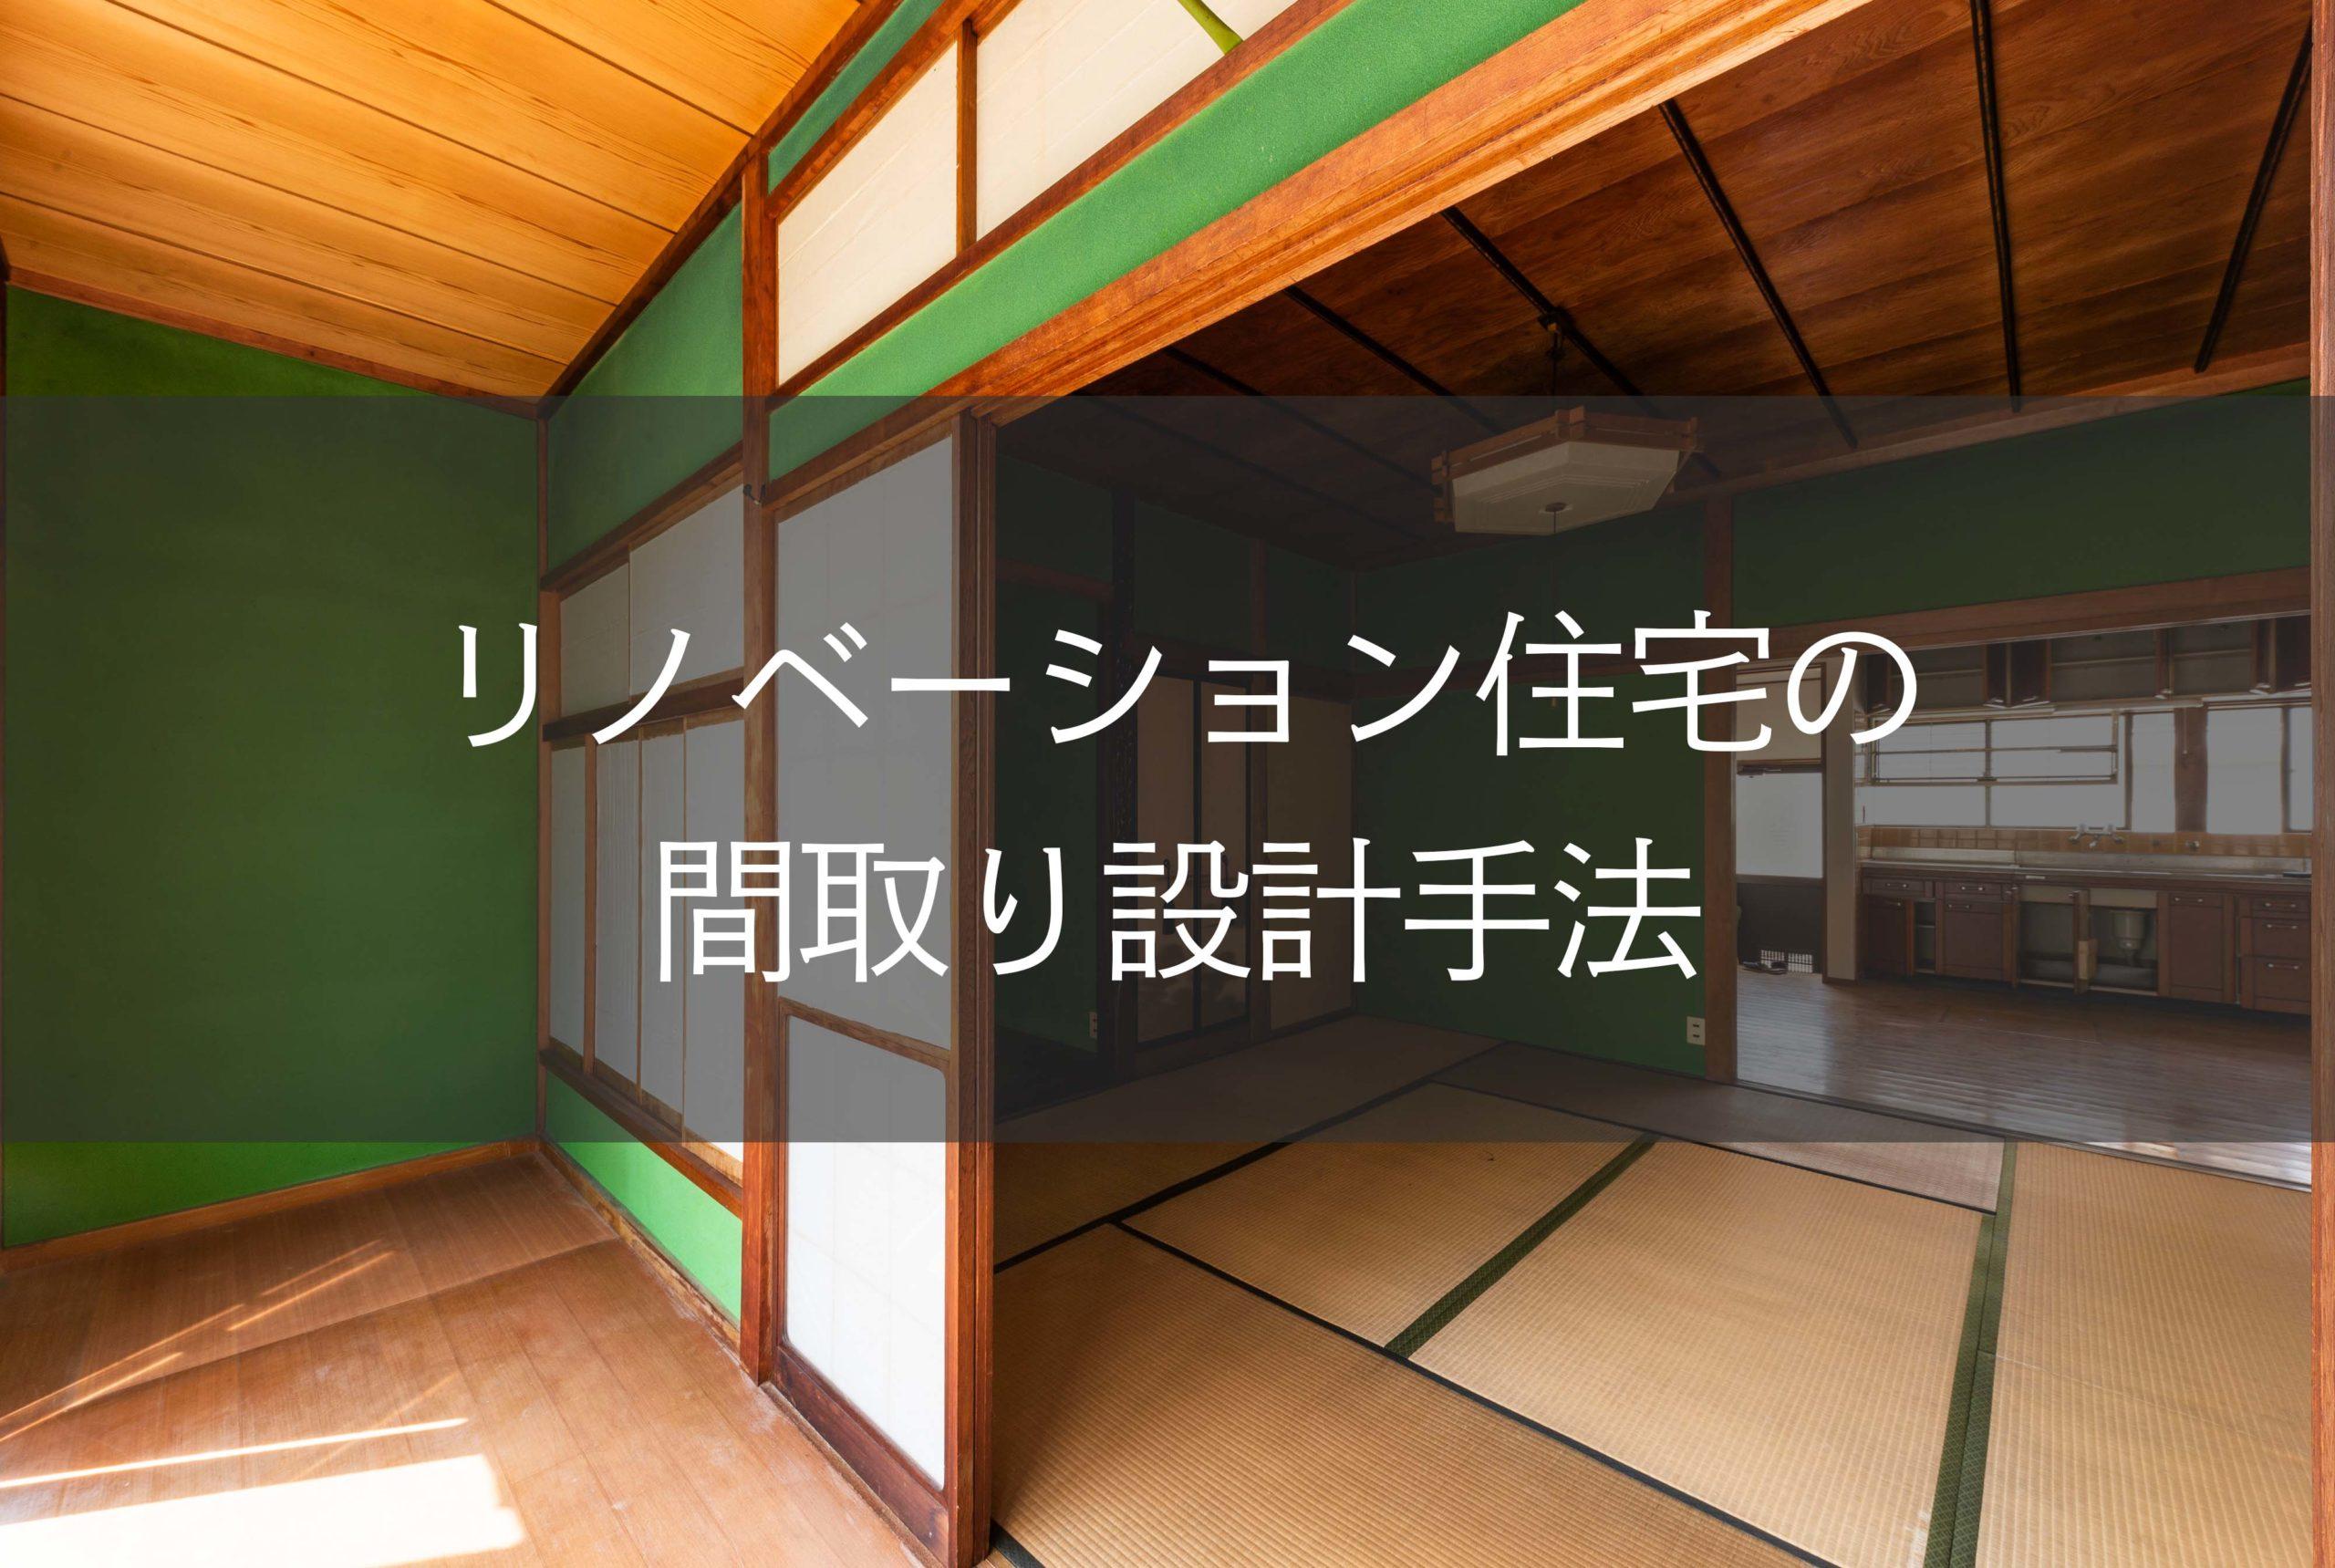 一級建築士が解説!リノベーション住宅の間取り設計手法